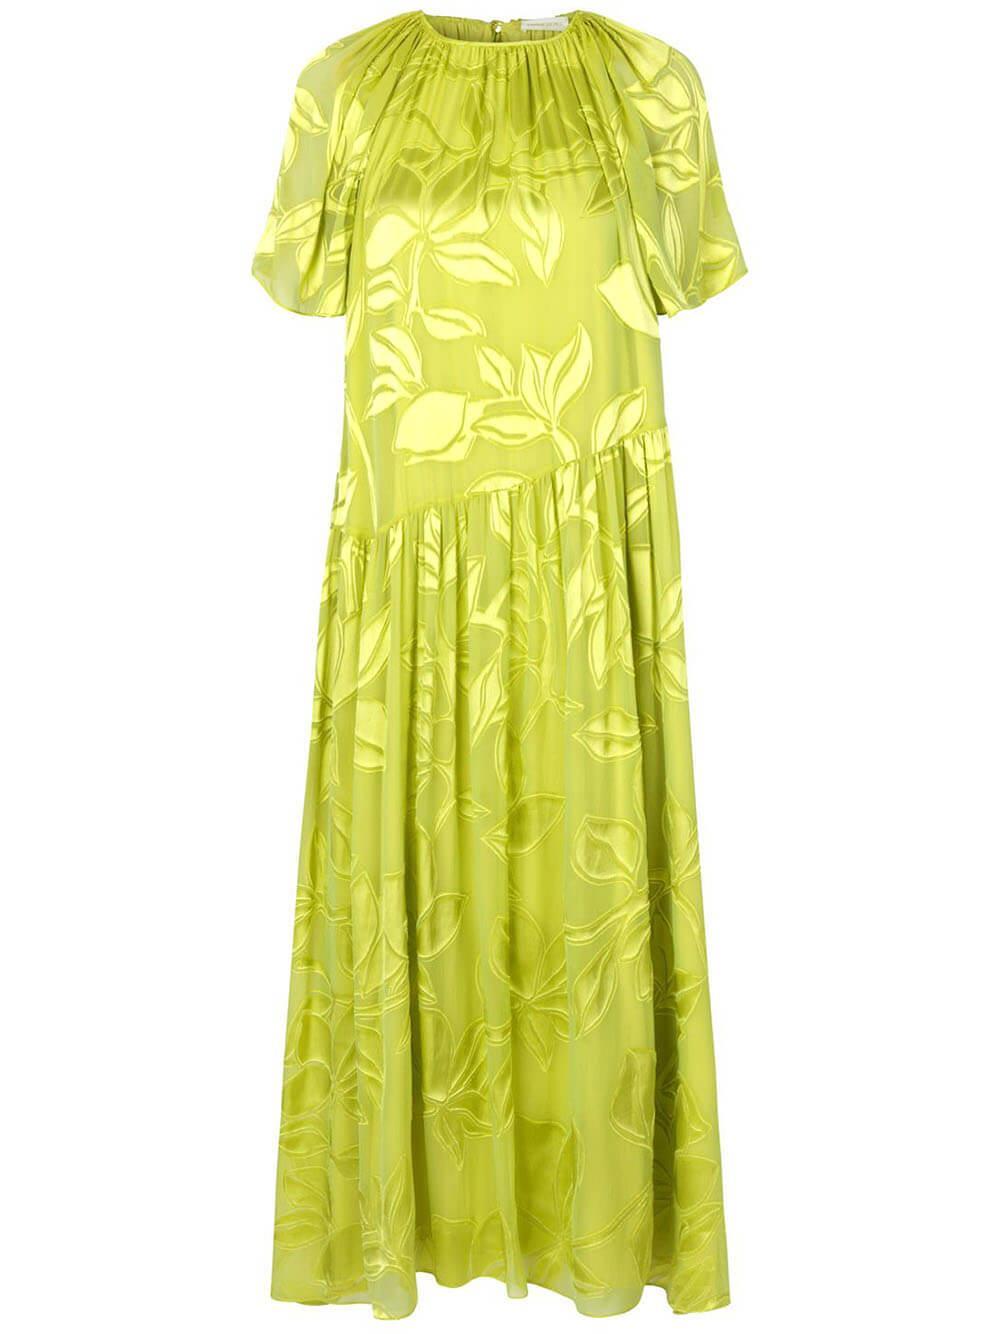 Addyson Dress Item # SG3593